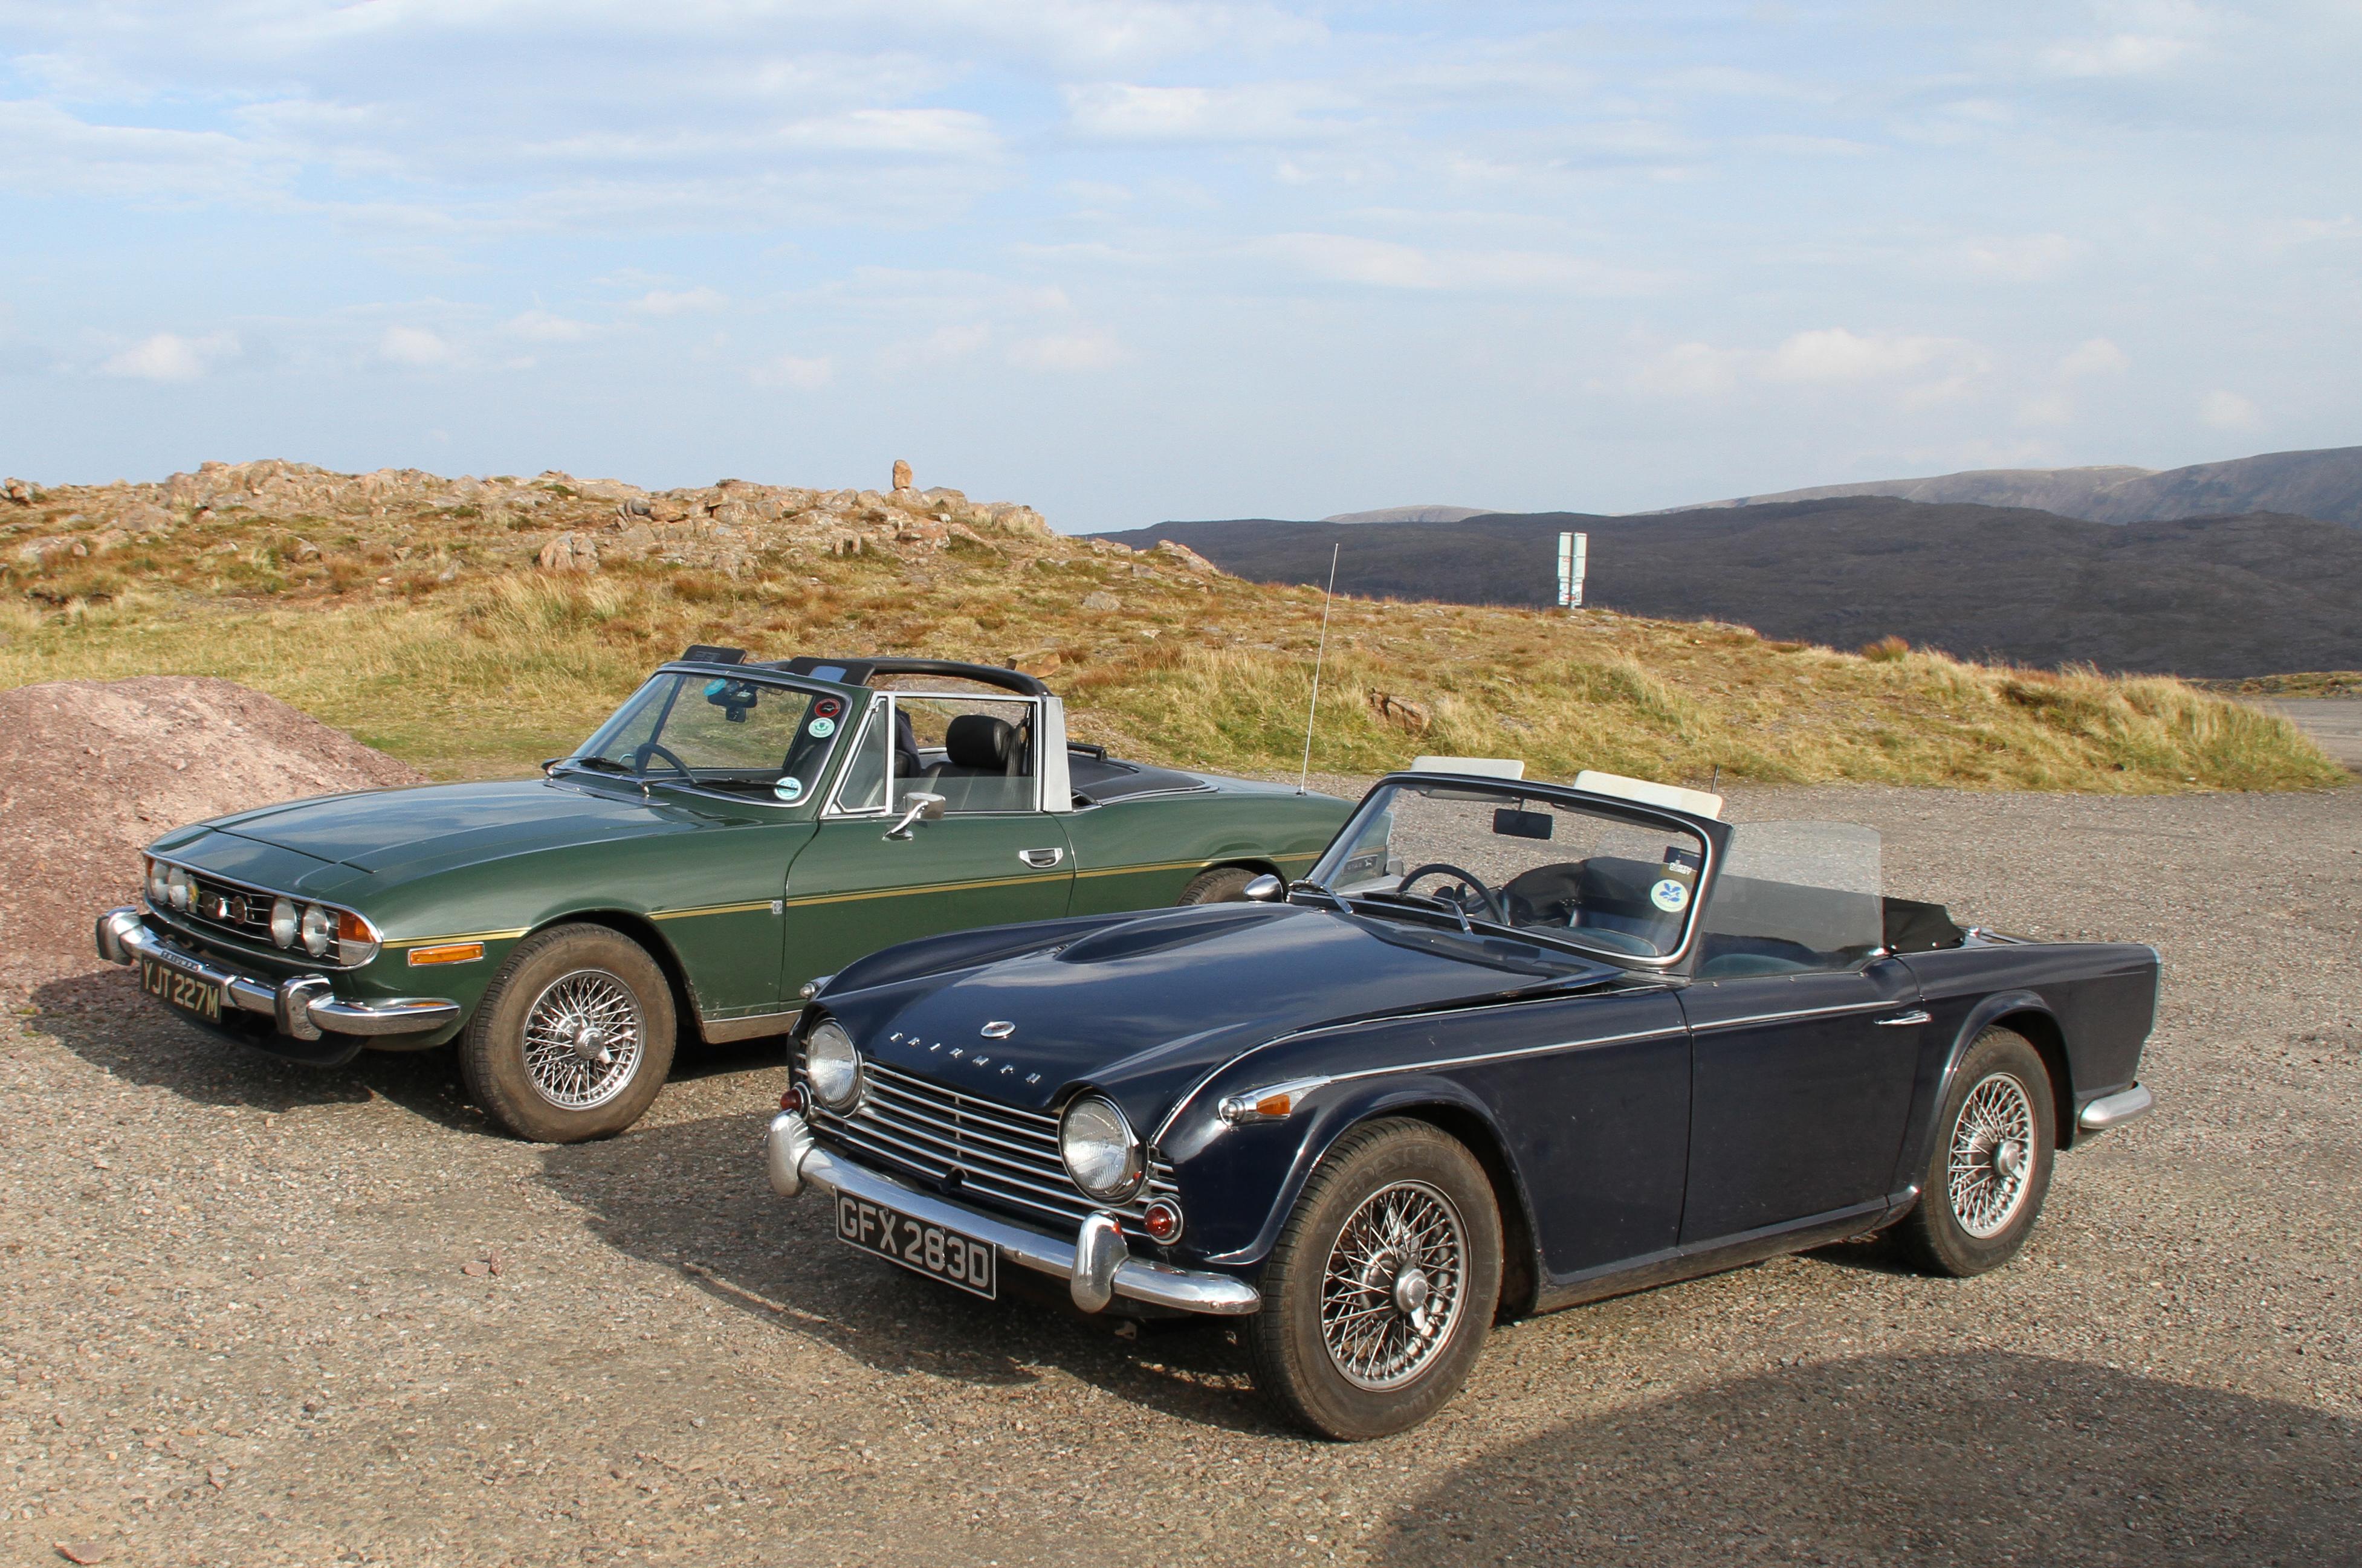 File:Triumph TR4a and a Triumph Stag (37411614106) jpg